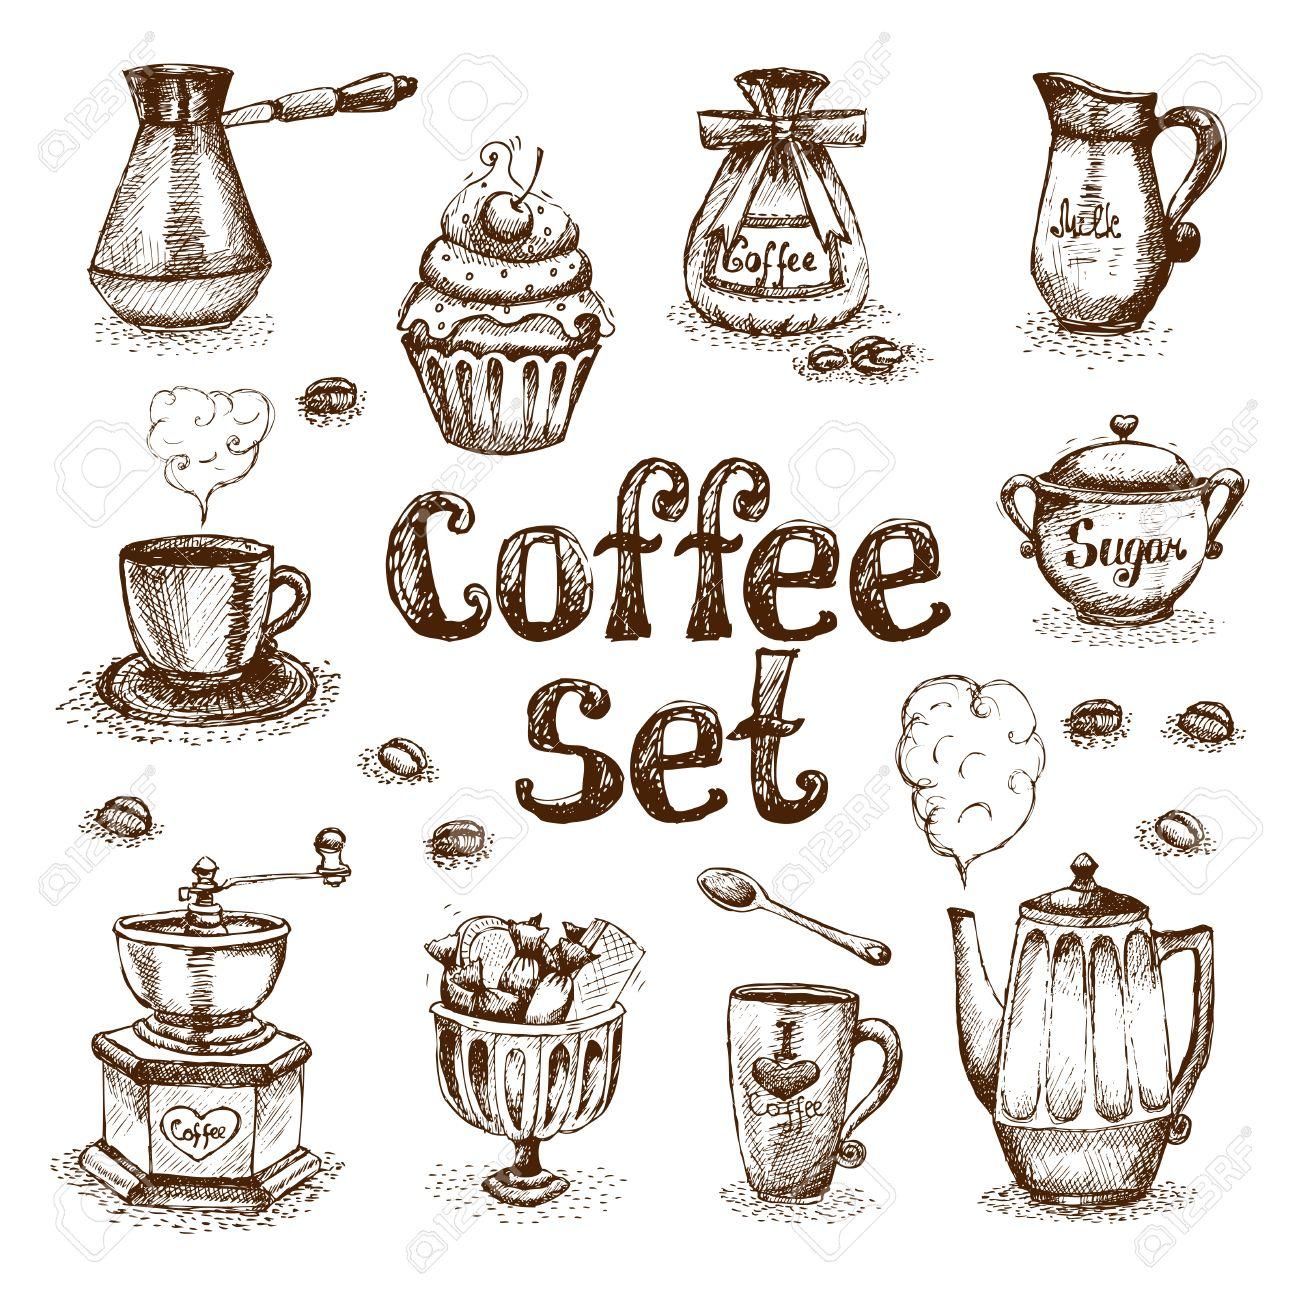 レトロなコーヒー セット ベクトル イラストのイラスト素材ベクタ